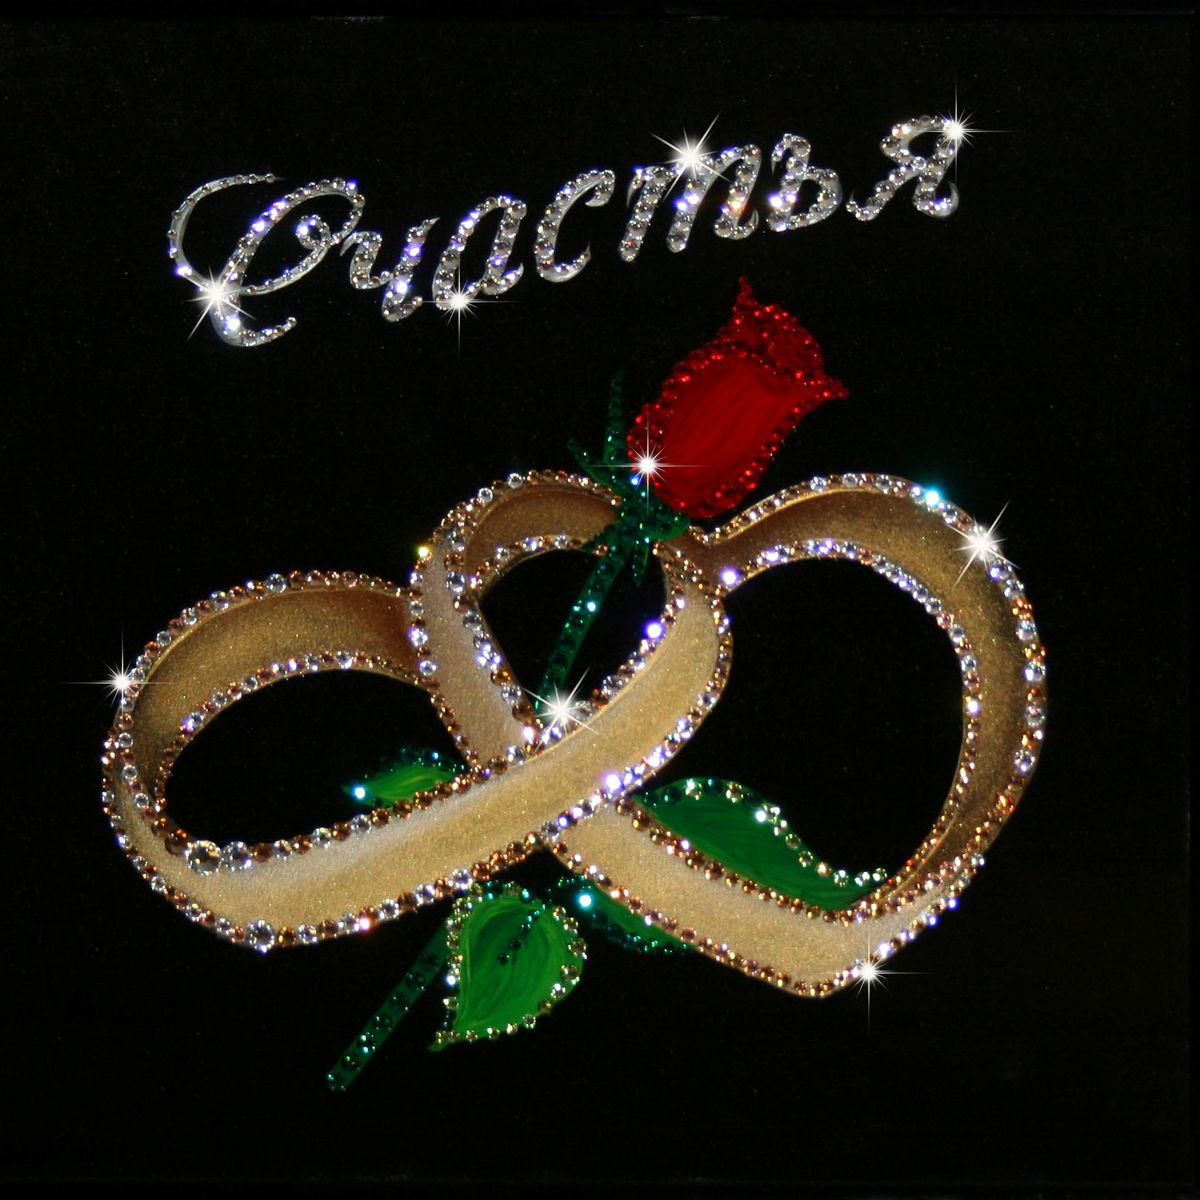 1102 Картина Сваровски Желаем счастья1102стекло, хрусталь, алюминий. 30х30